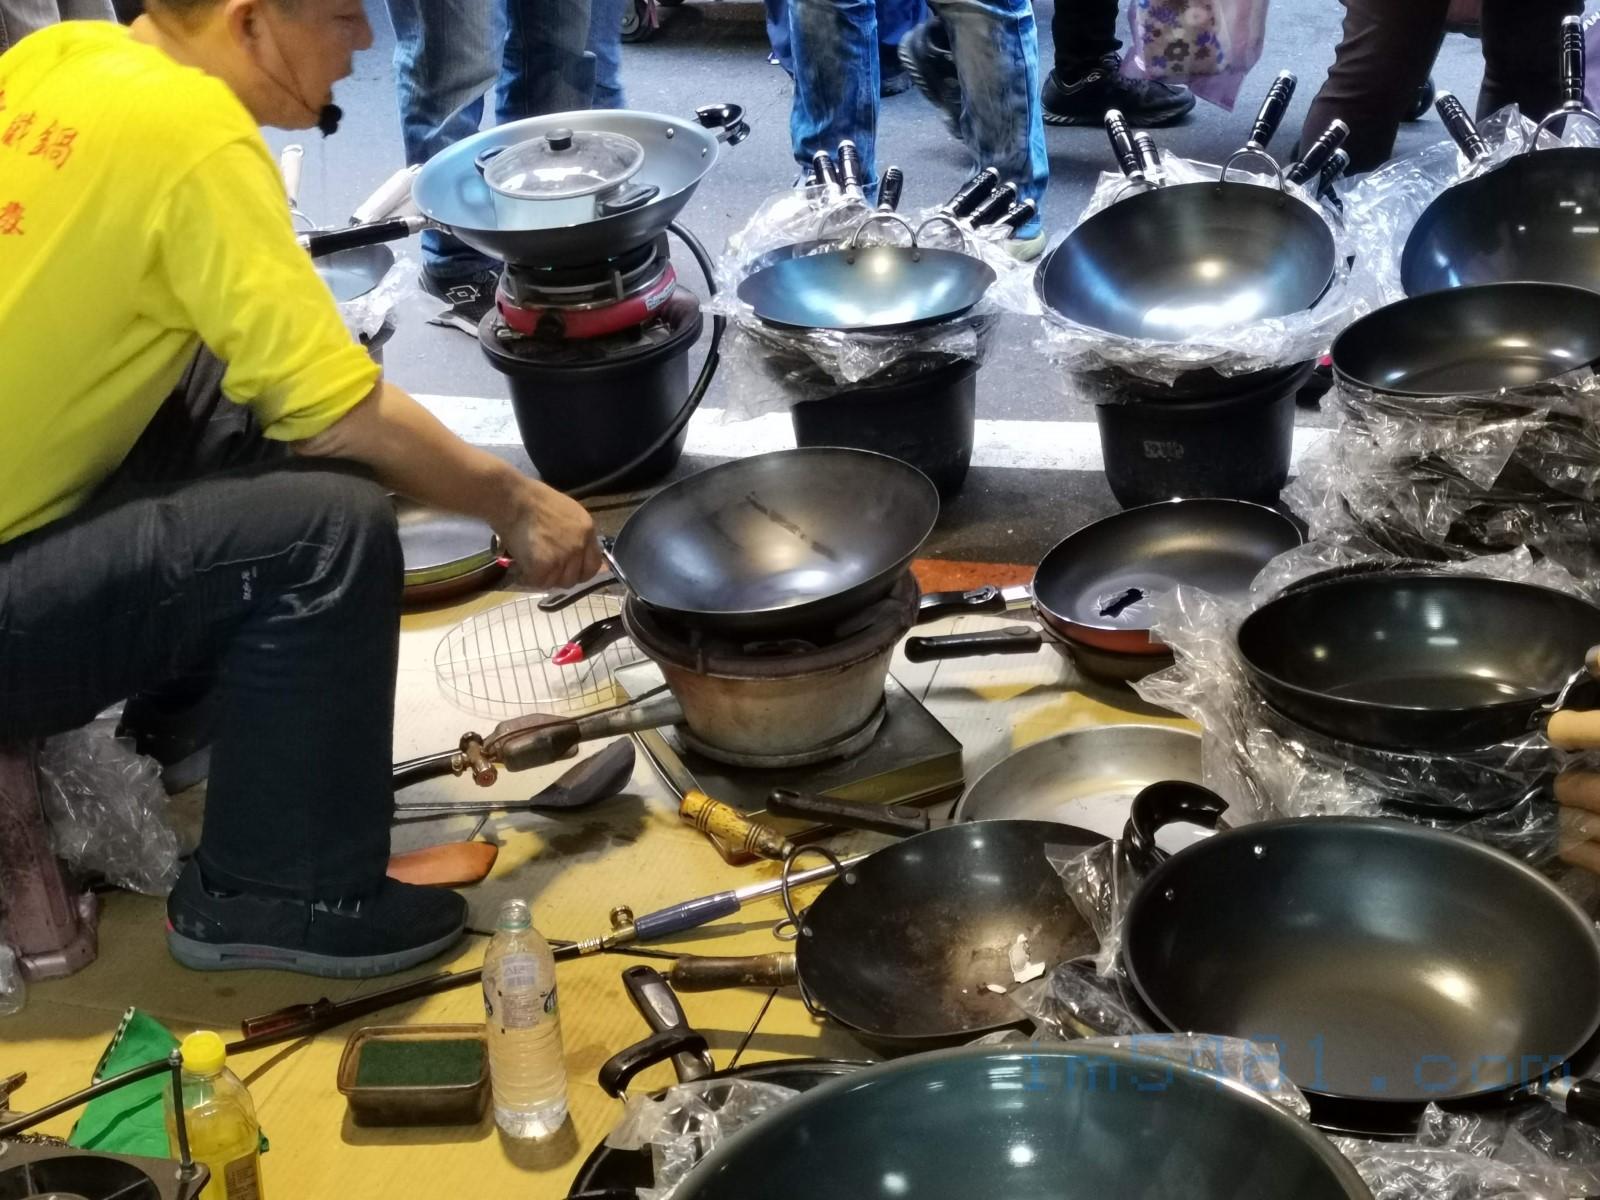 火槍牌鐵鍋老闆在示範鐵鍋跟一般不沾鍋鋁合金材質的差異,那些被燒穿的平底鍋都是現在燒給你看!